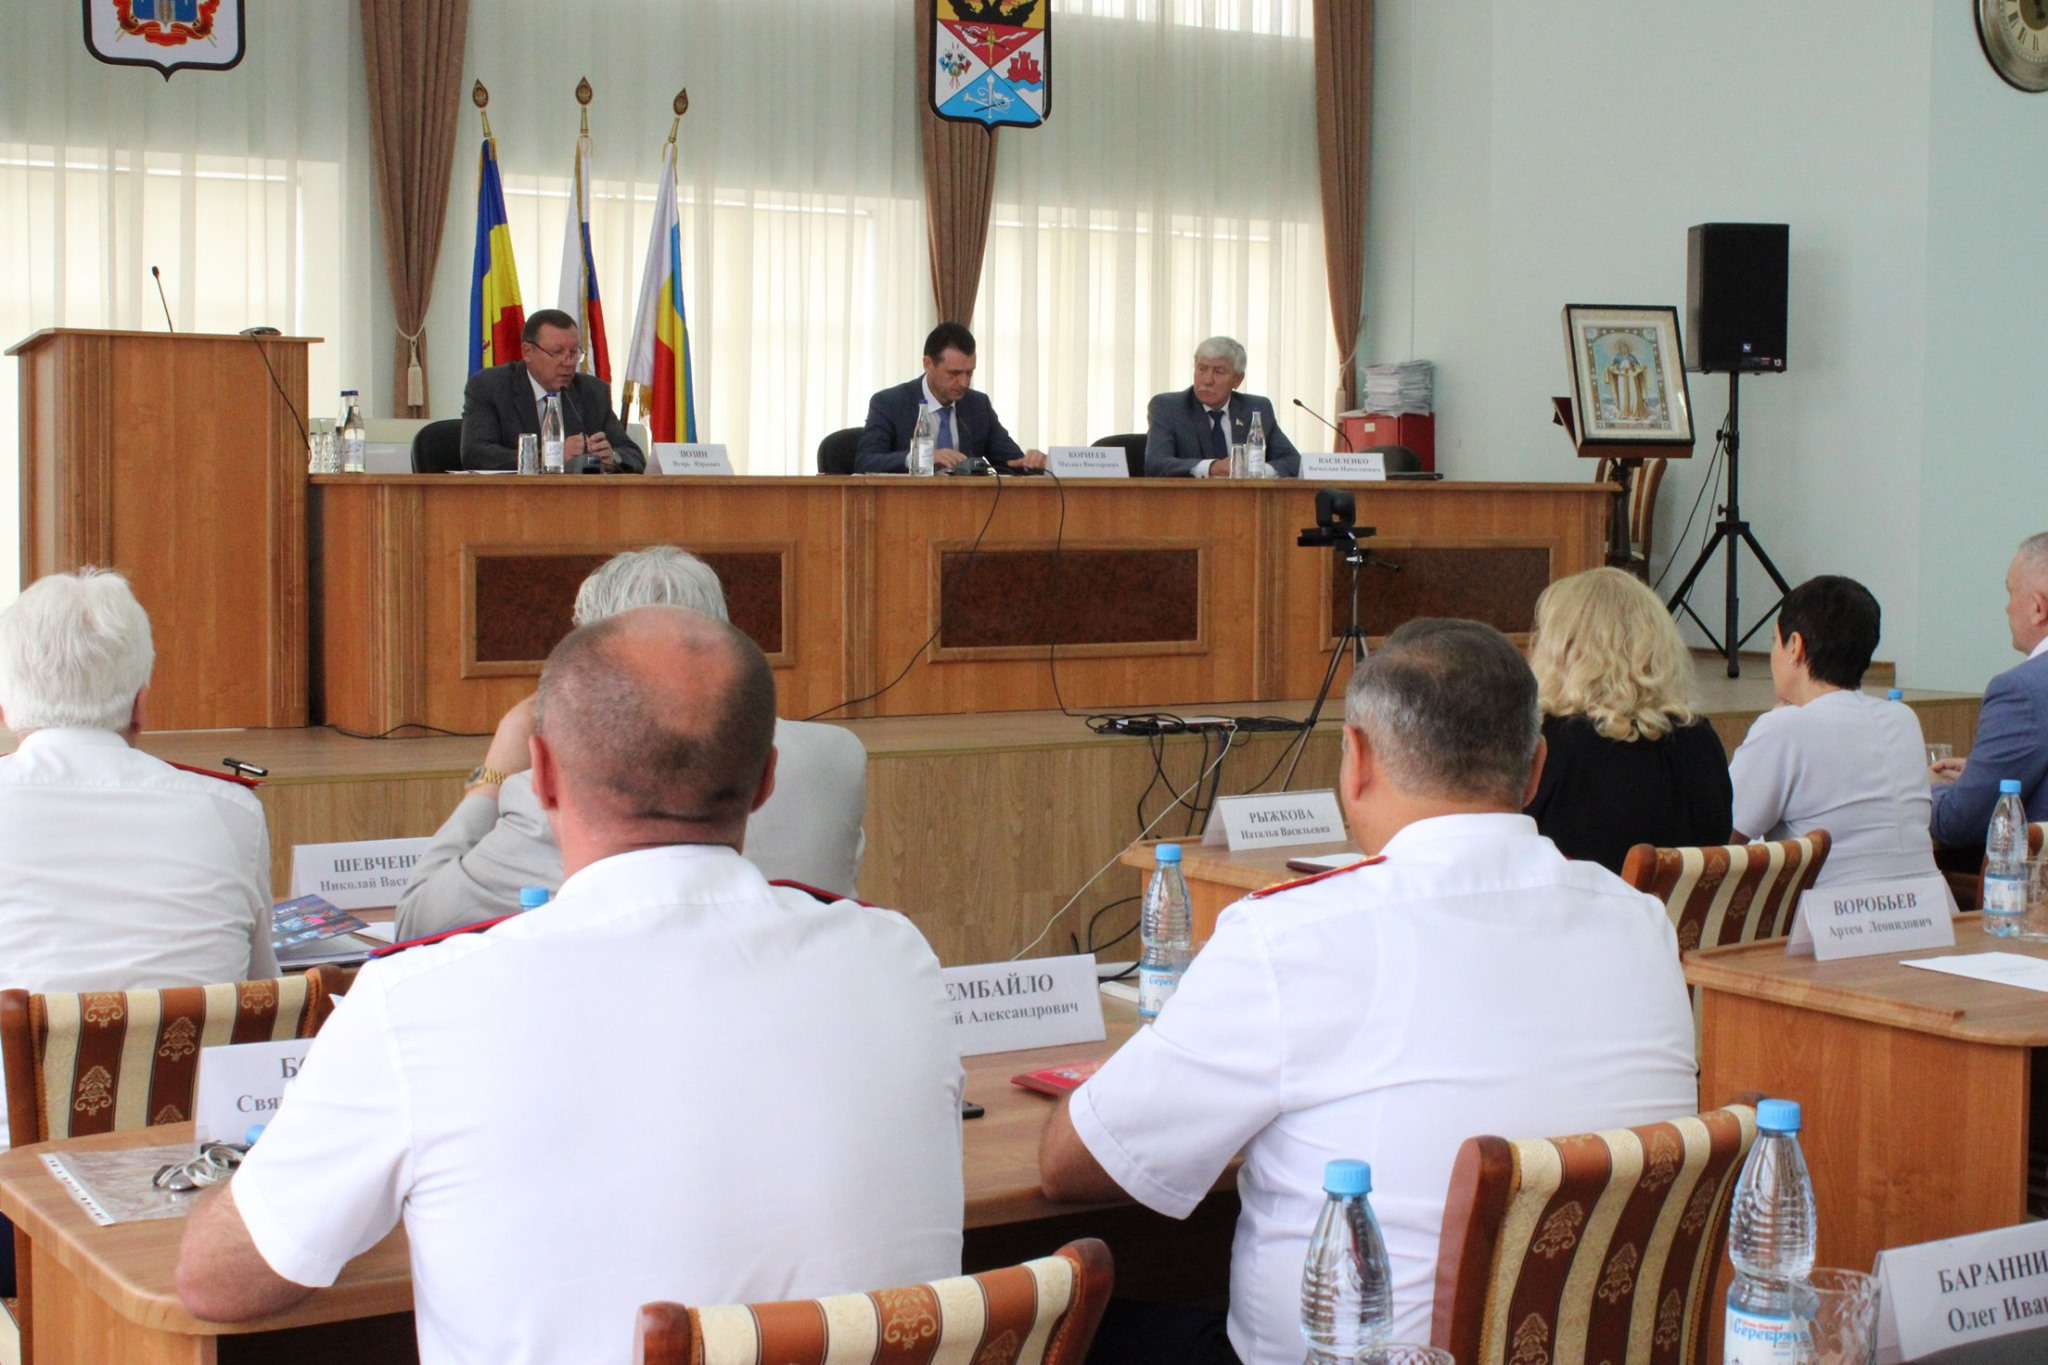 Состоялось заседание рабочей группы по делам казачества